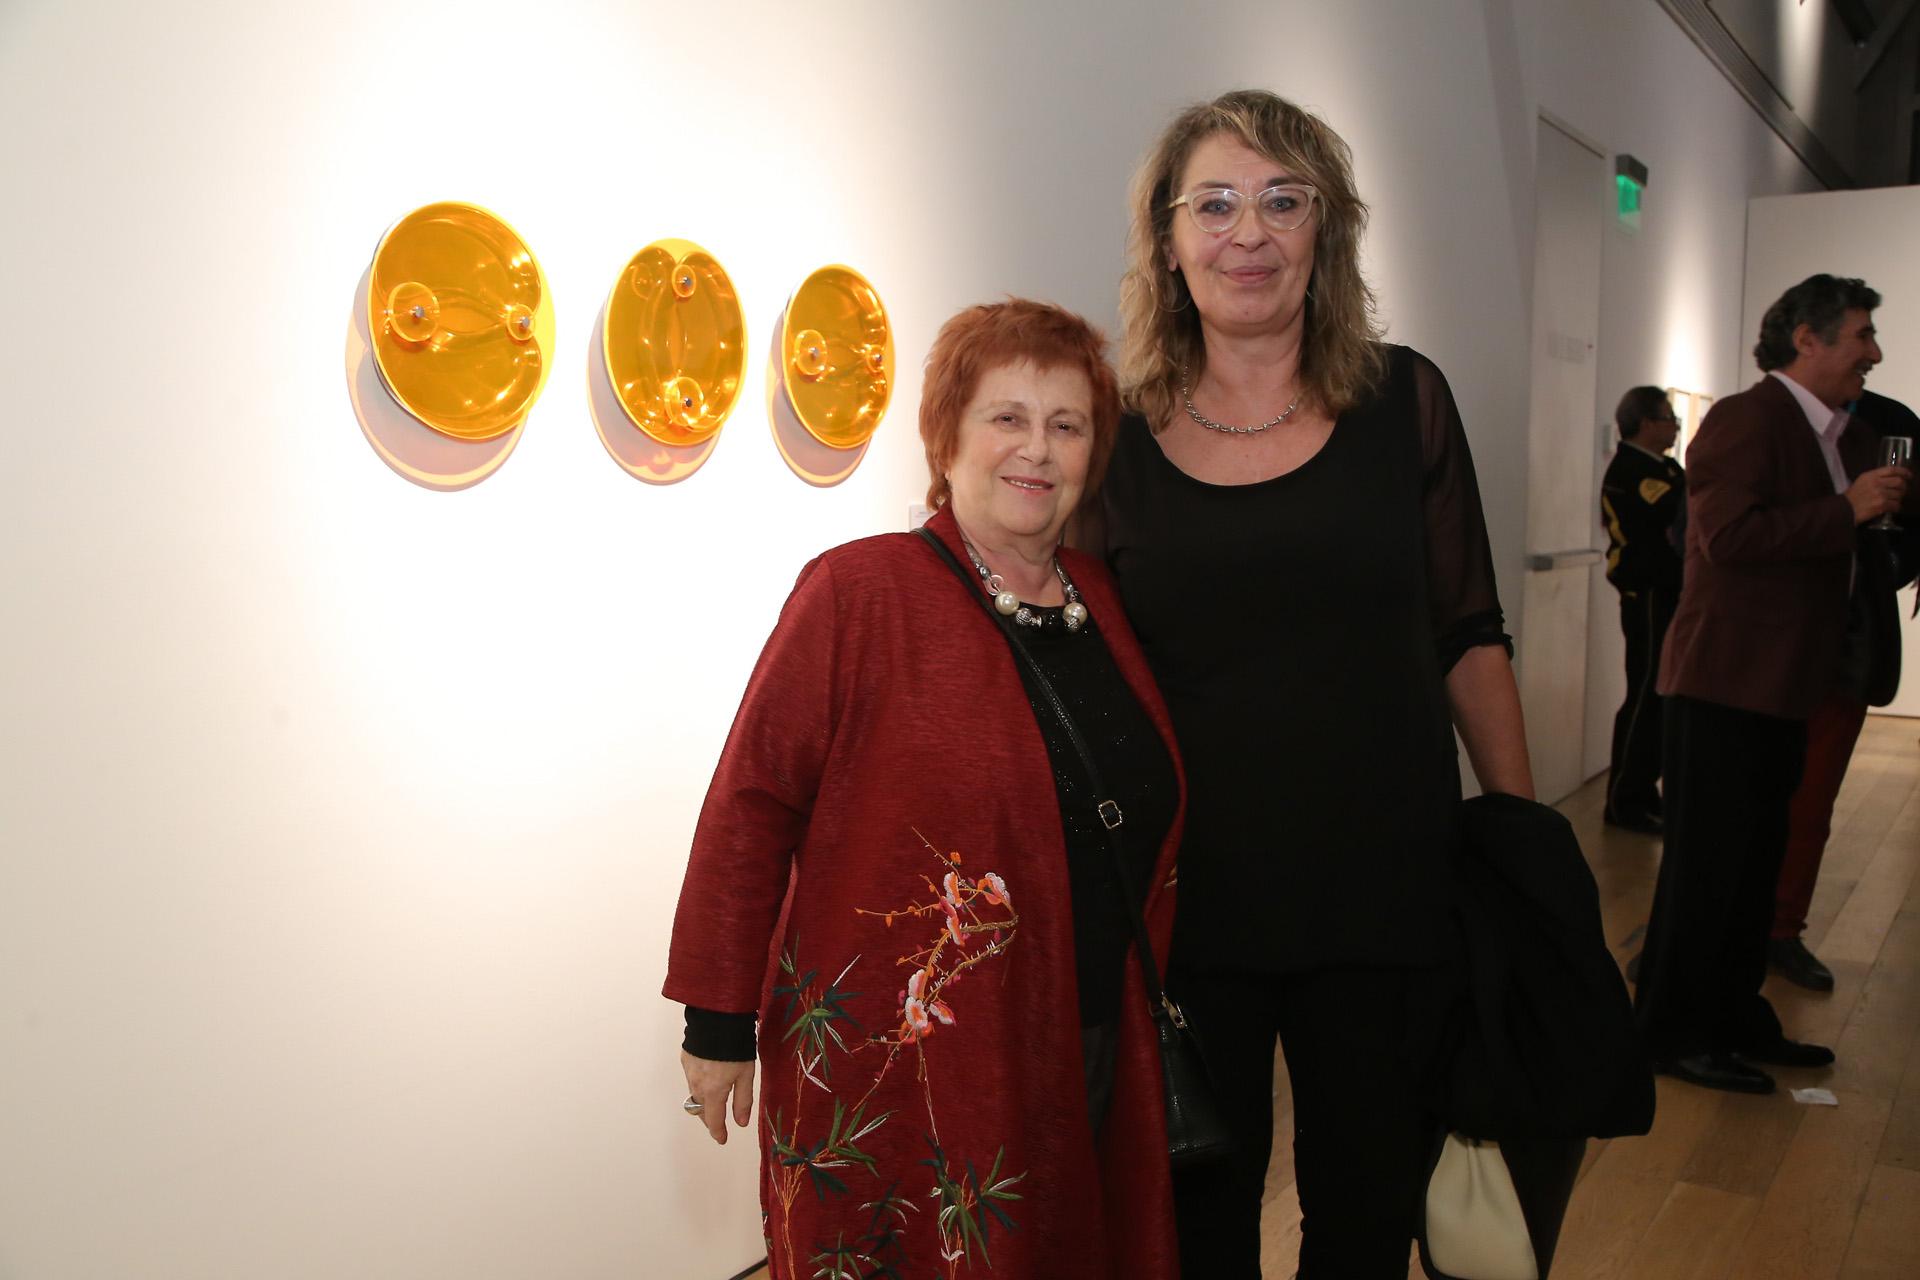 Las artistas plásticas Dora Isdatne y Cristina Tomsig junto a su obra, en la que incorporaron a su lenguaje escultórico las bandejas de acero inoxidable empleadas en el descarte de jeringas